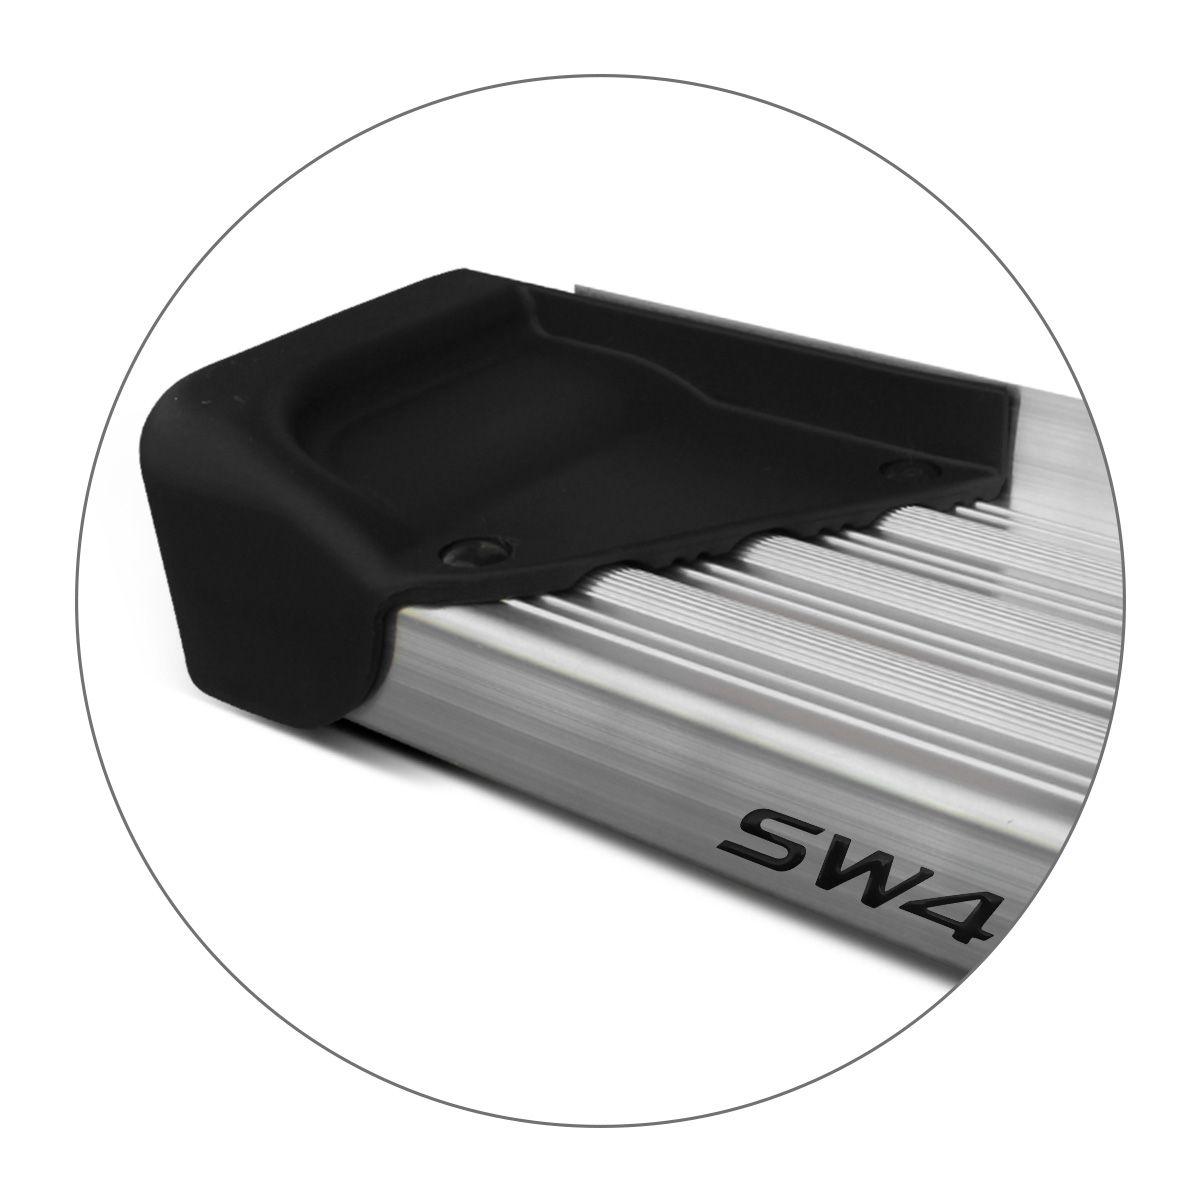 Estribo Lateral Hilux Sw4 2016 a 2019 Aluminio Natural A3